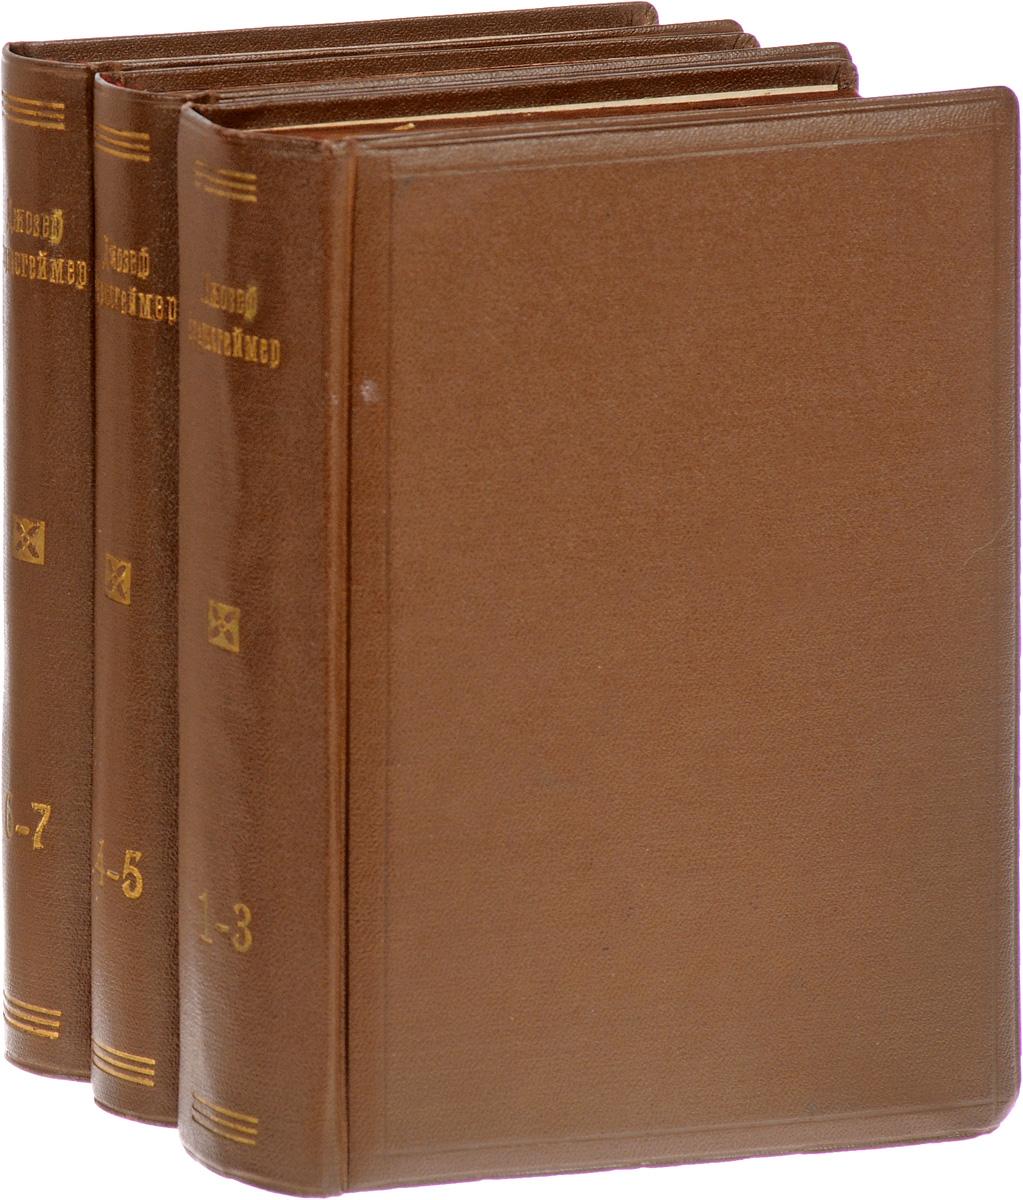 Джозеф Гершсгеймер. Собрание романов (комплект из 3 книг)